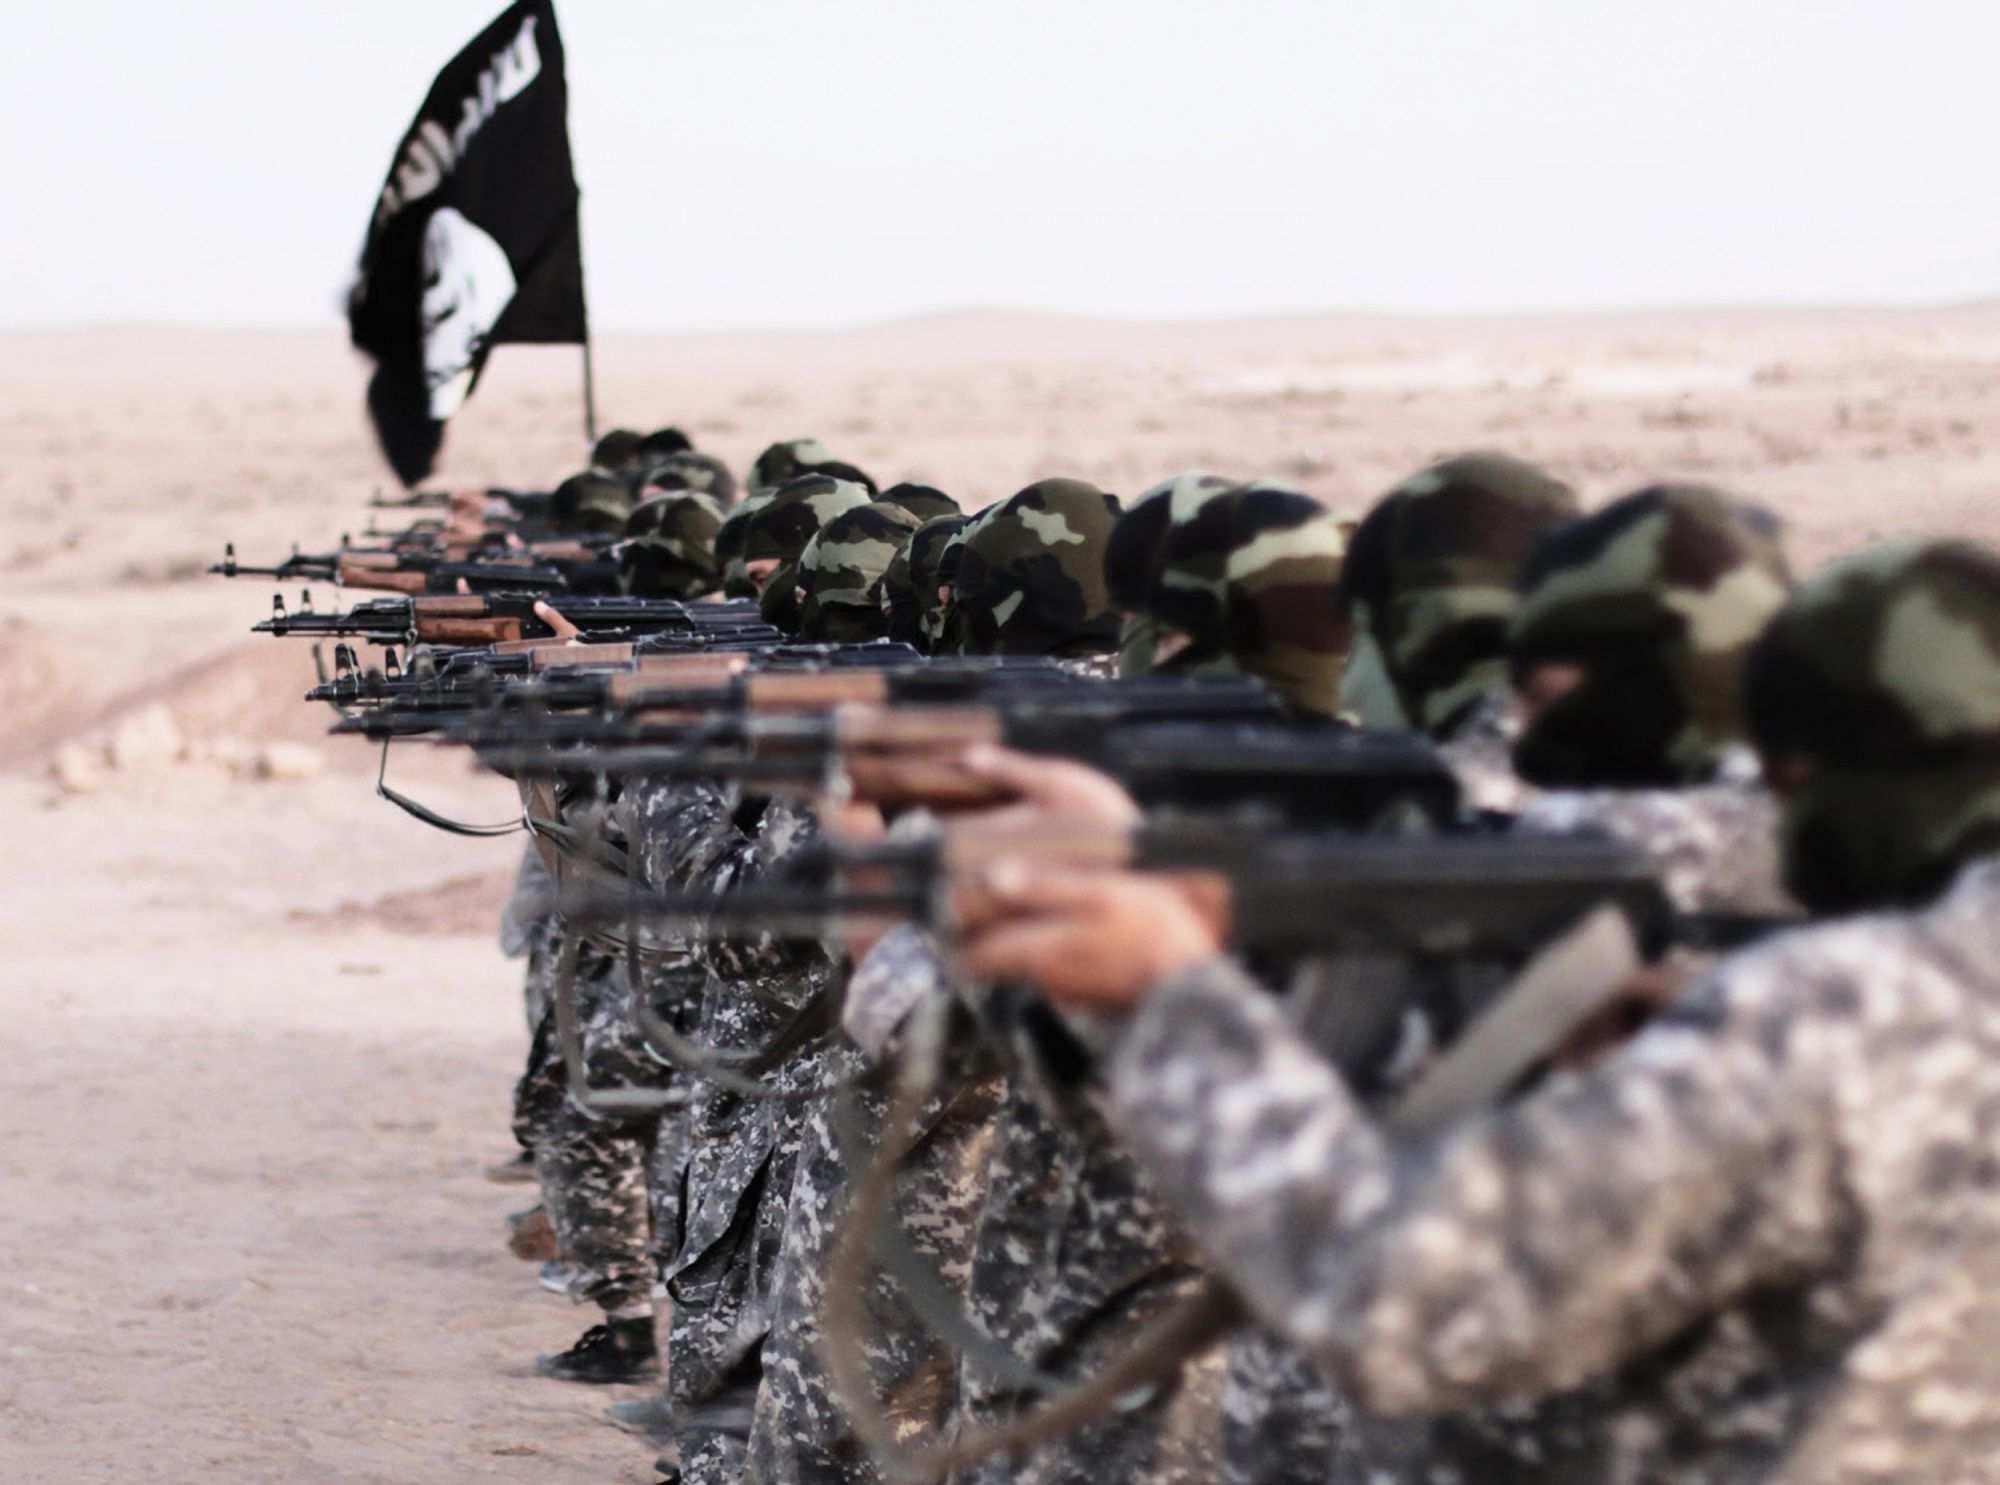 Эксперты подтвердили факт использования иприта вИраке боевиками ИГИЛ | Русская весна